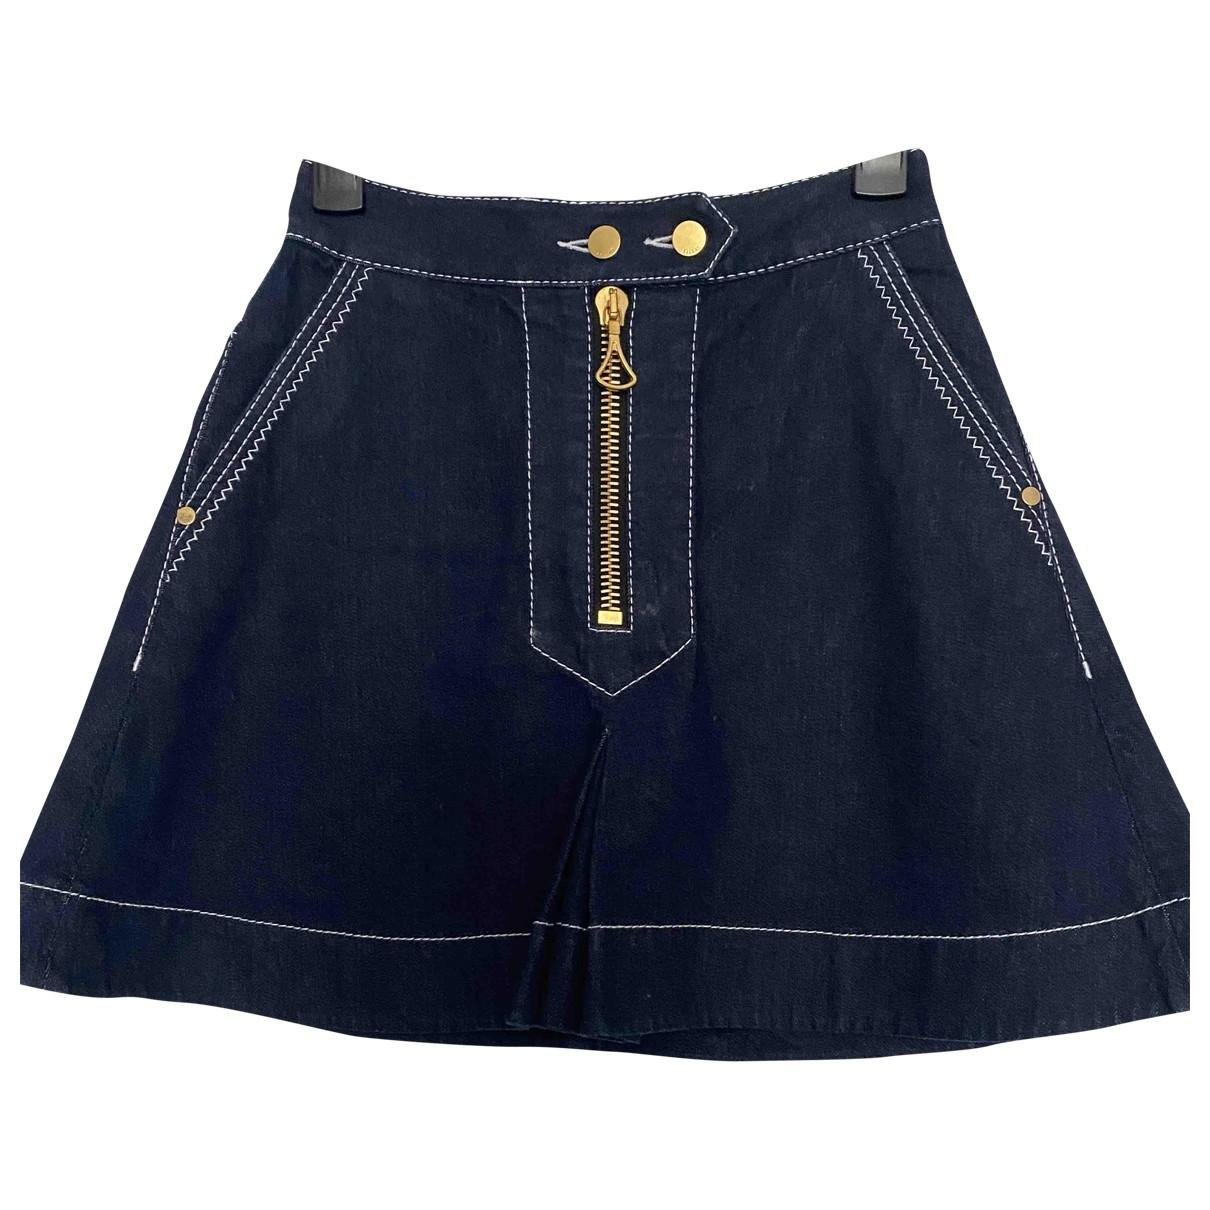 Ellery \N Navy Denim - Jeans skirt for Women 36 FR